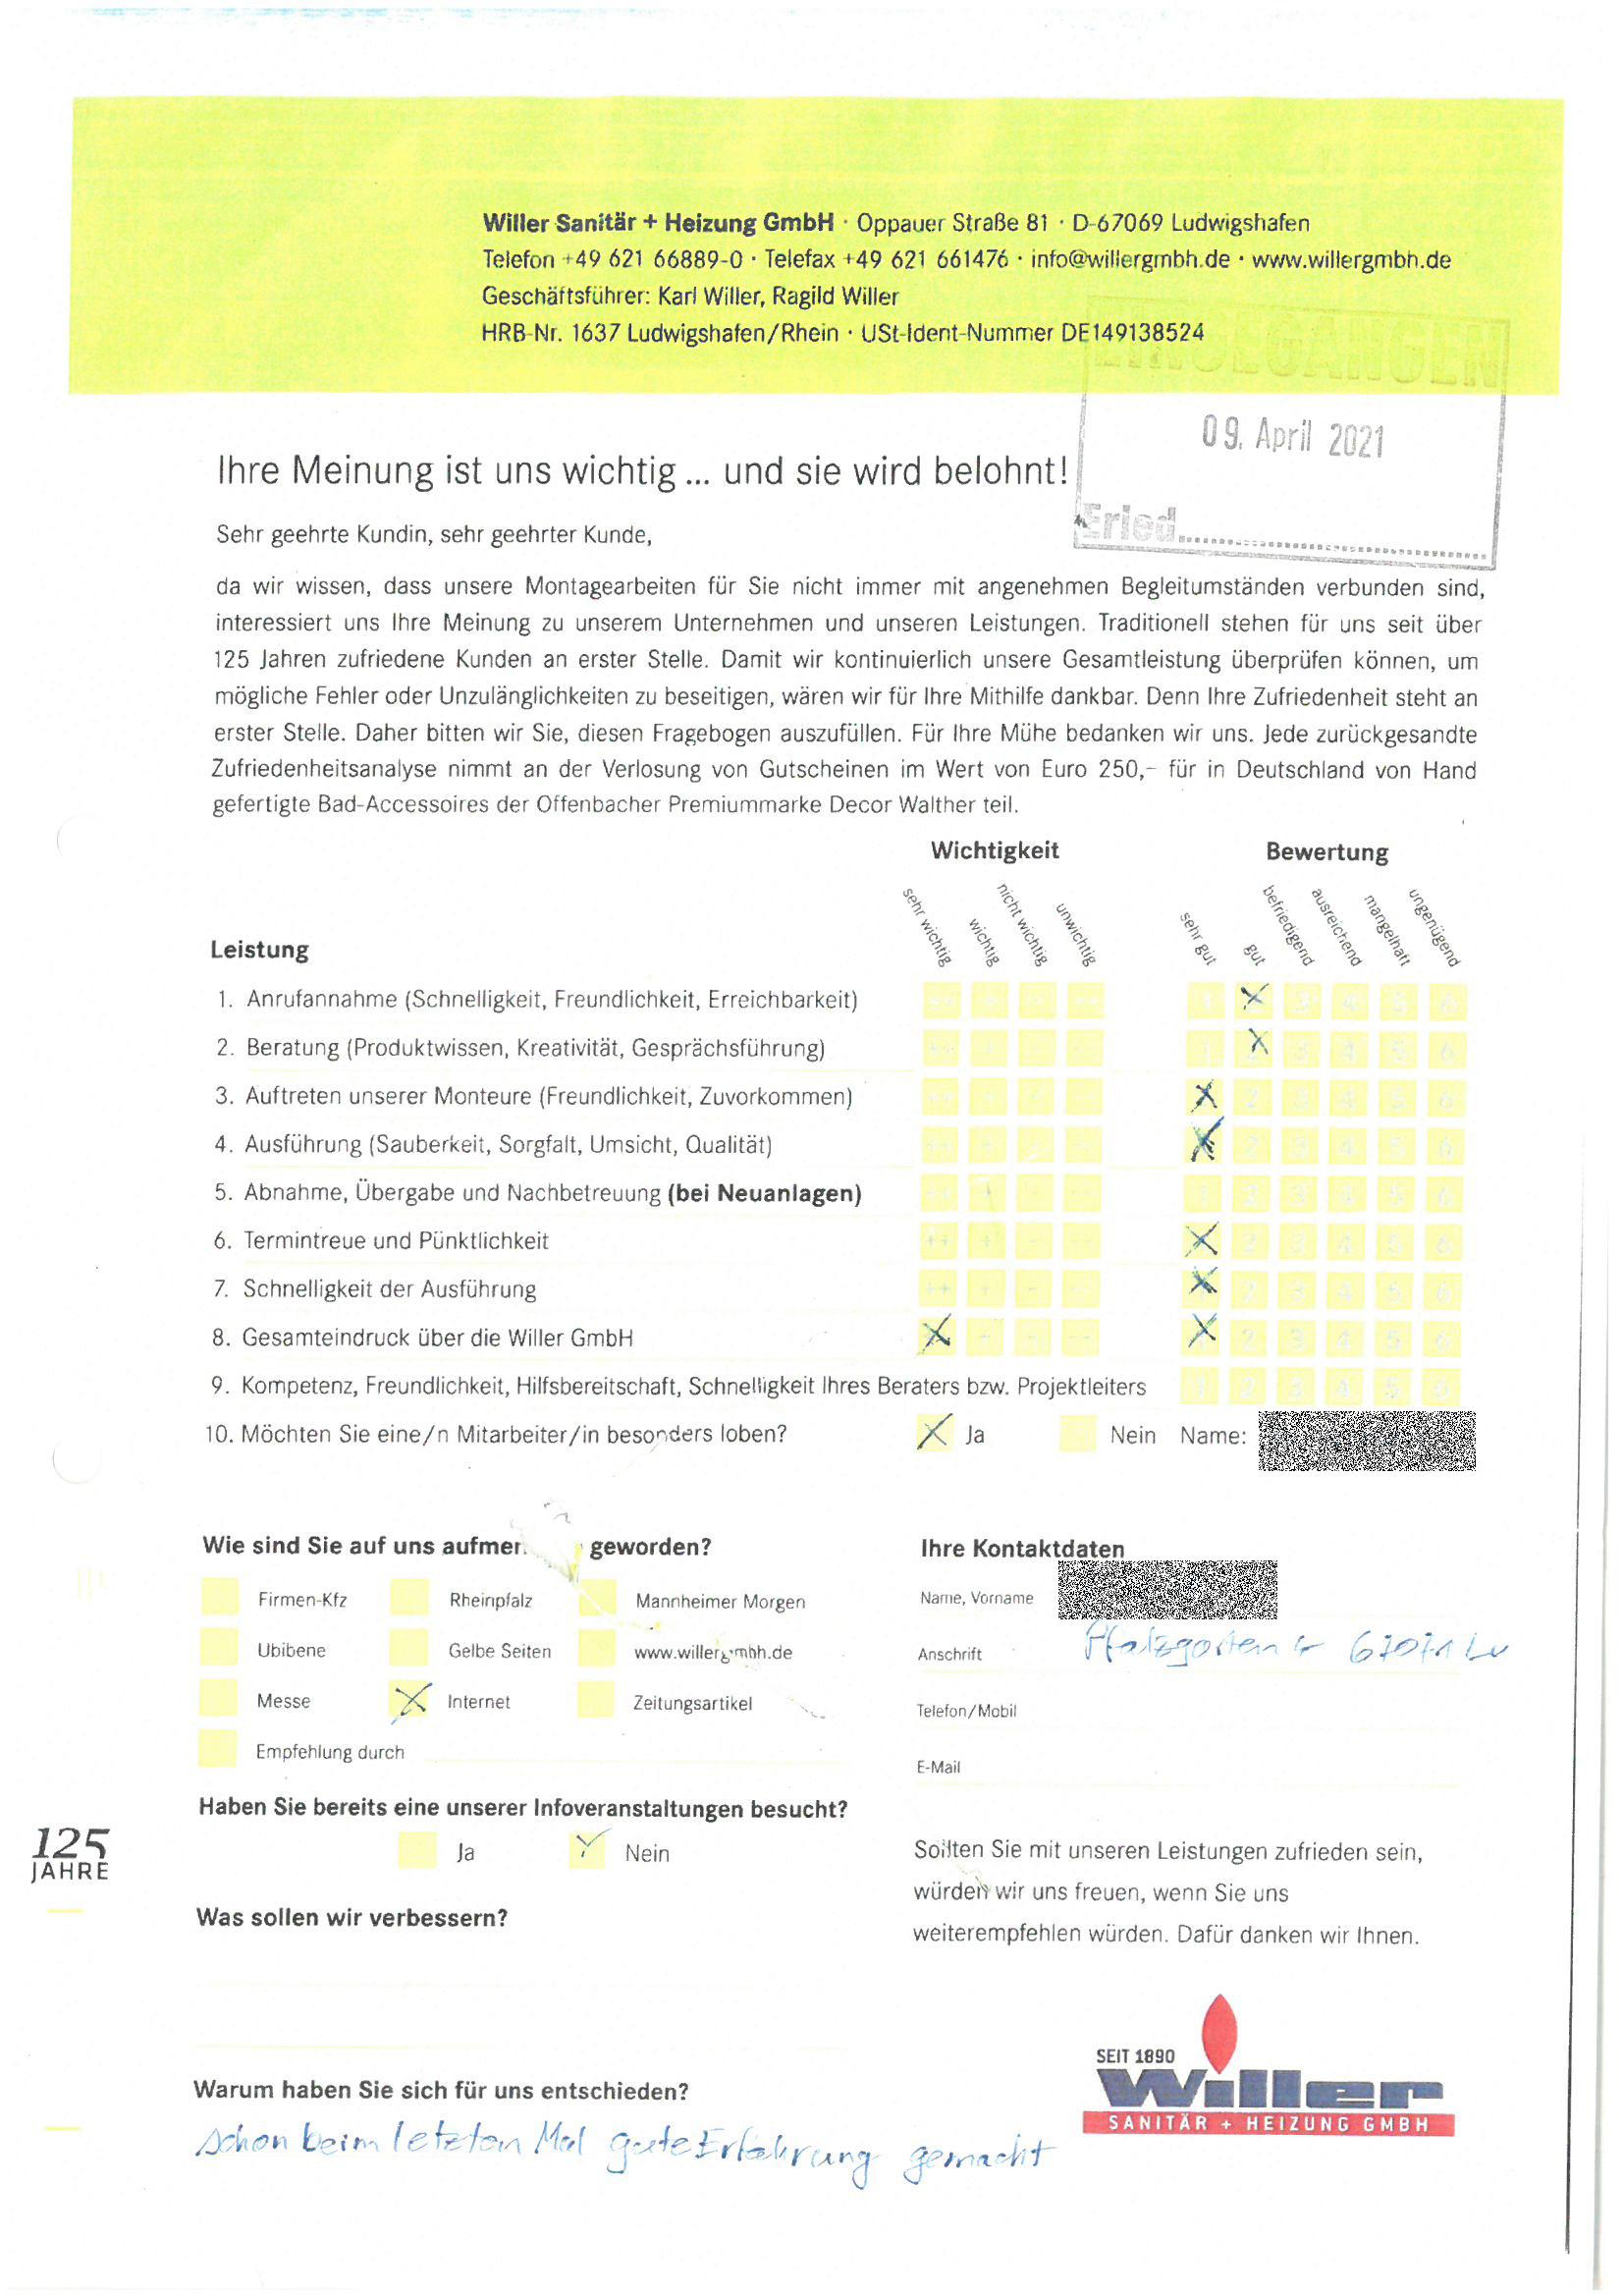 Bewertungen_Willer_Ludwigshafen_2021_ (7)y